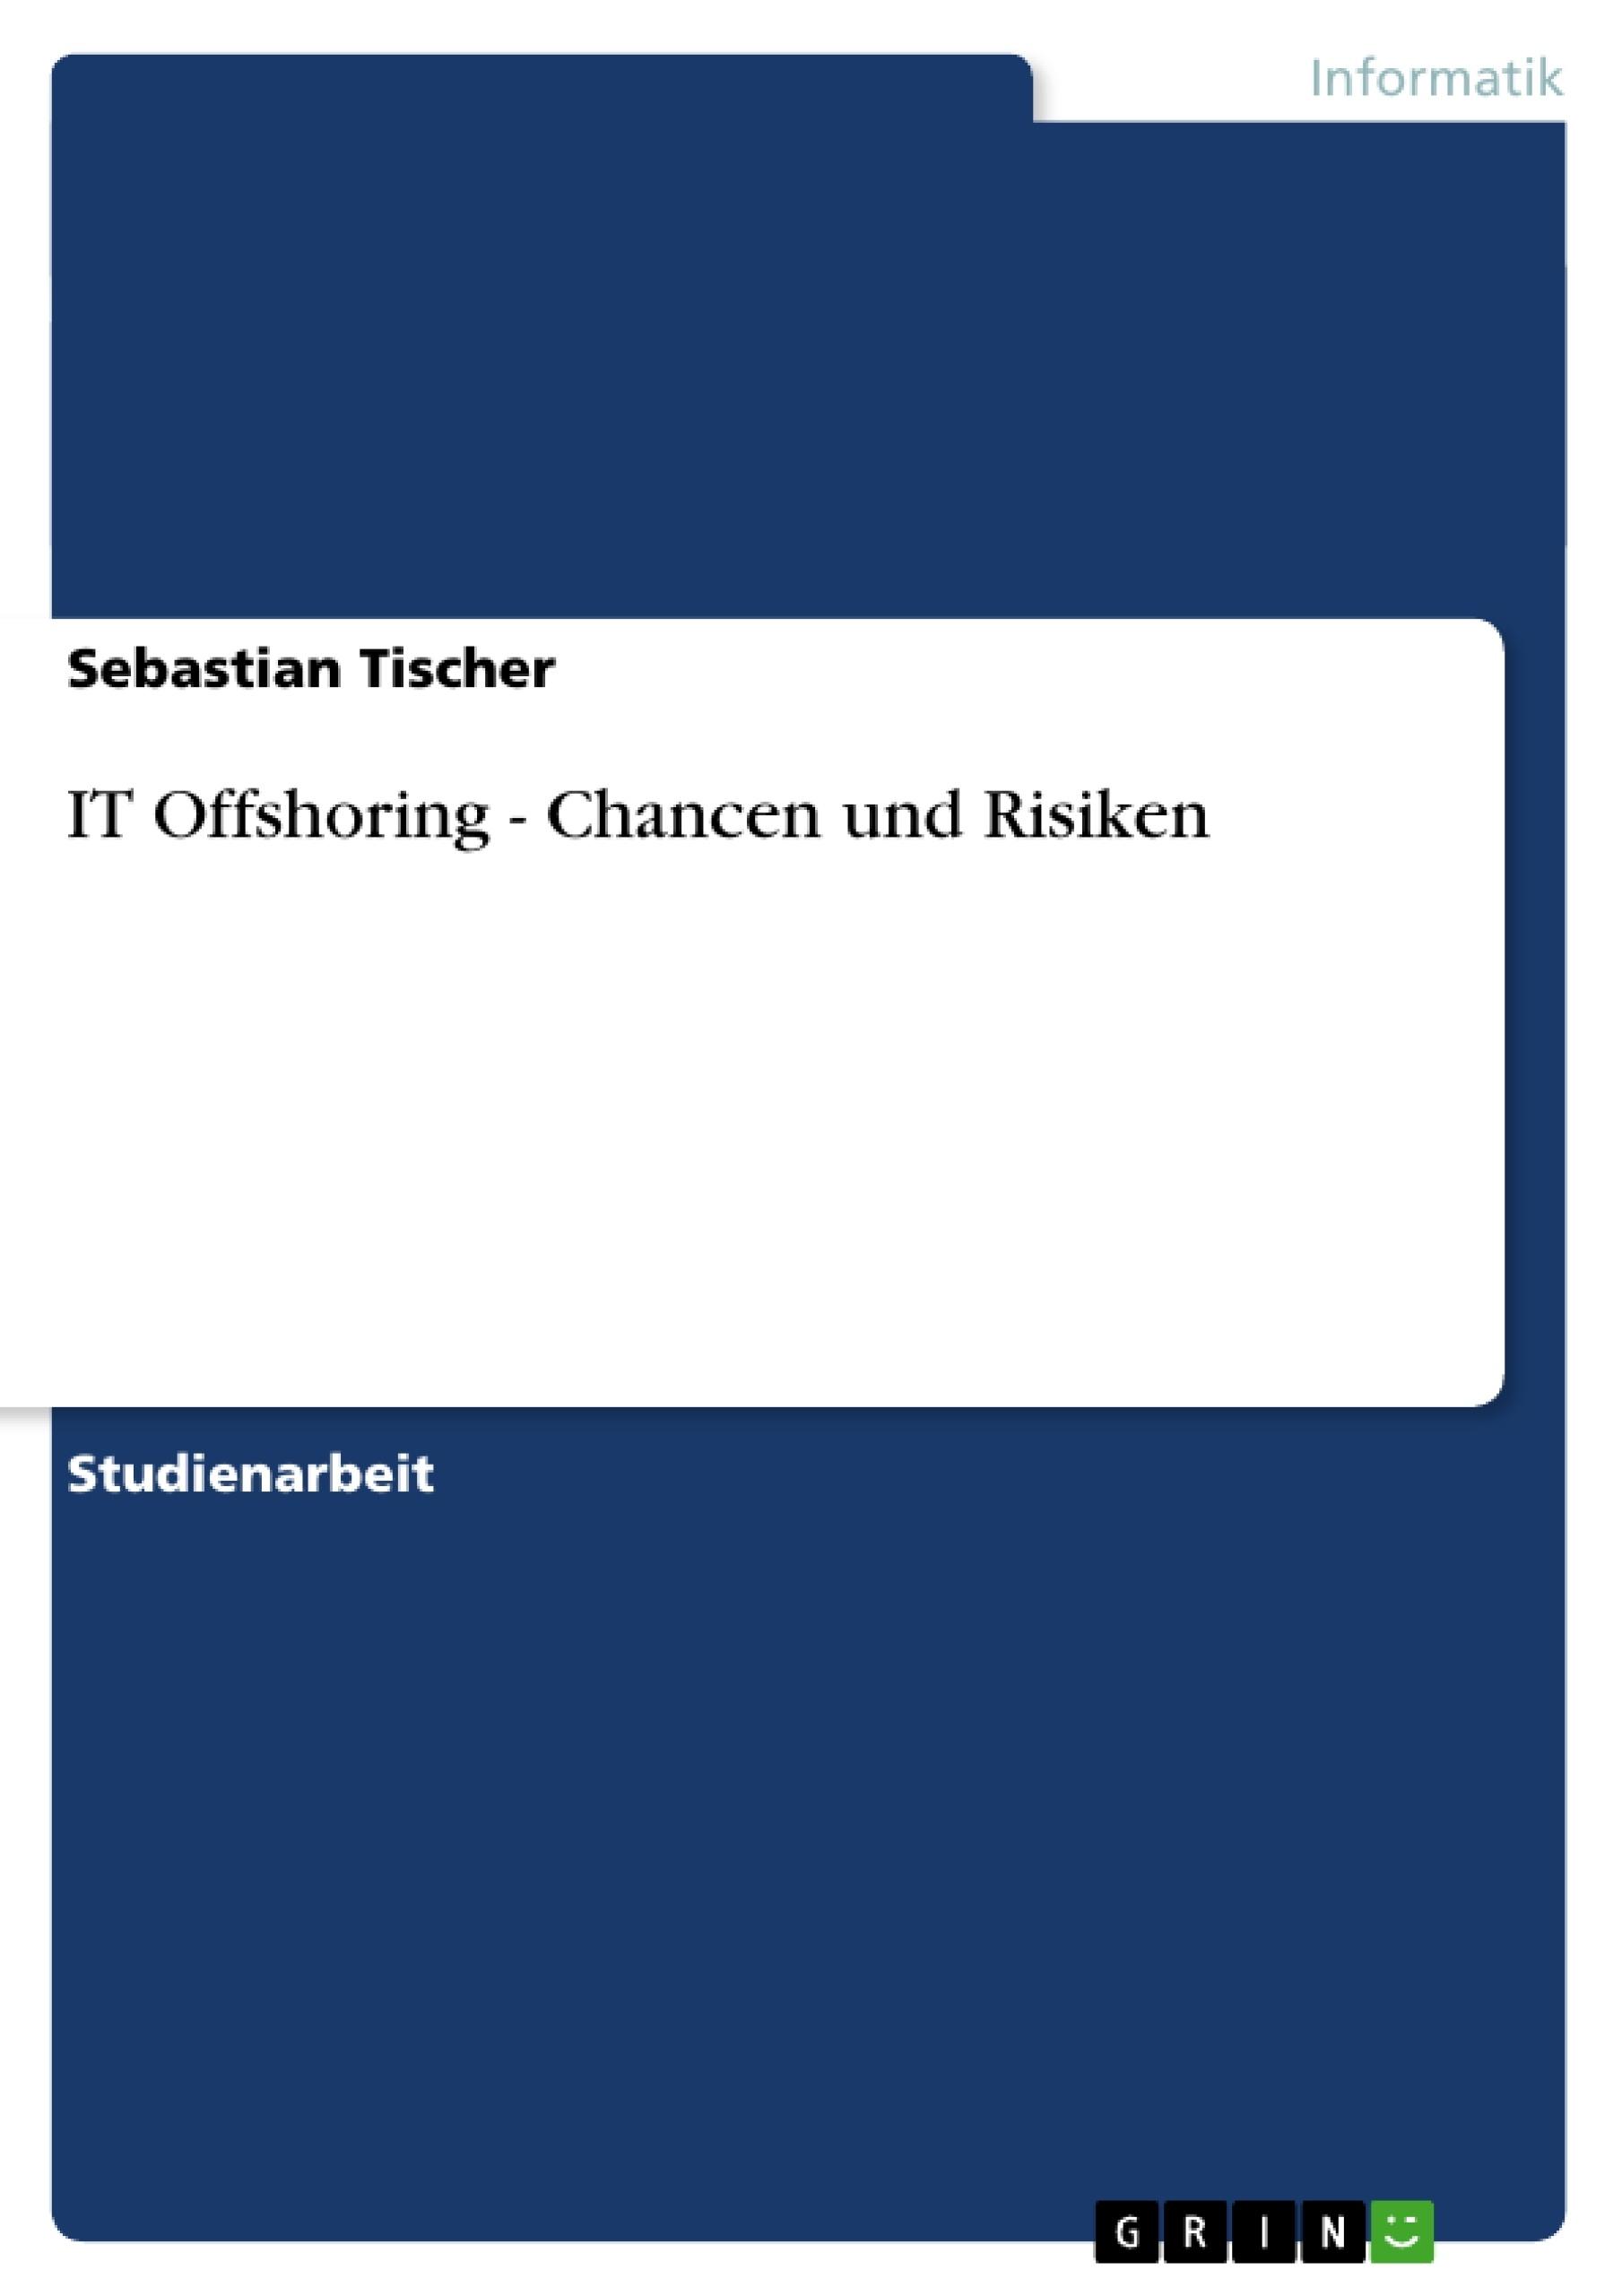 Titel: IT Offshoring - Chancen und Risiken